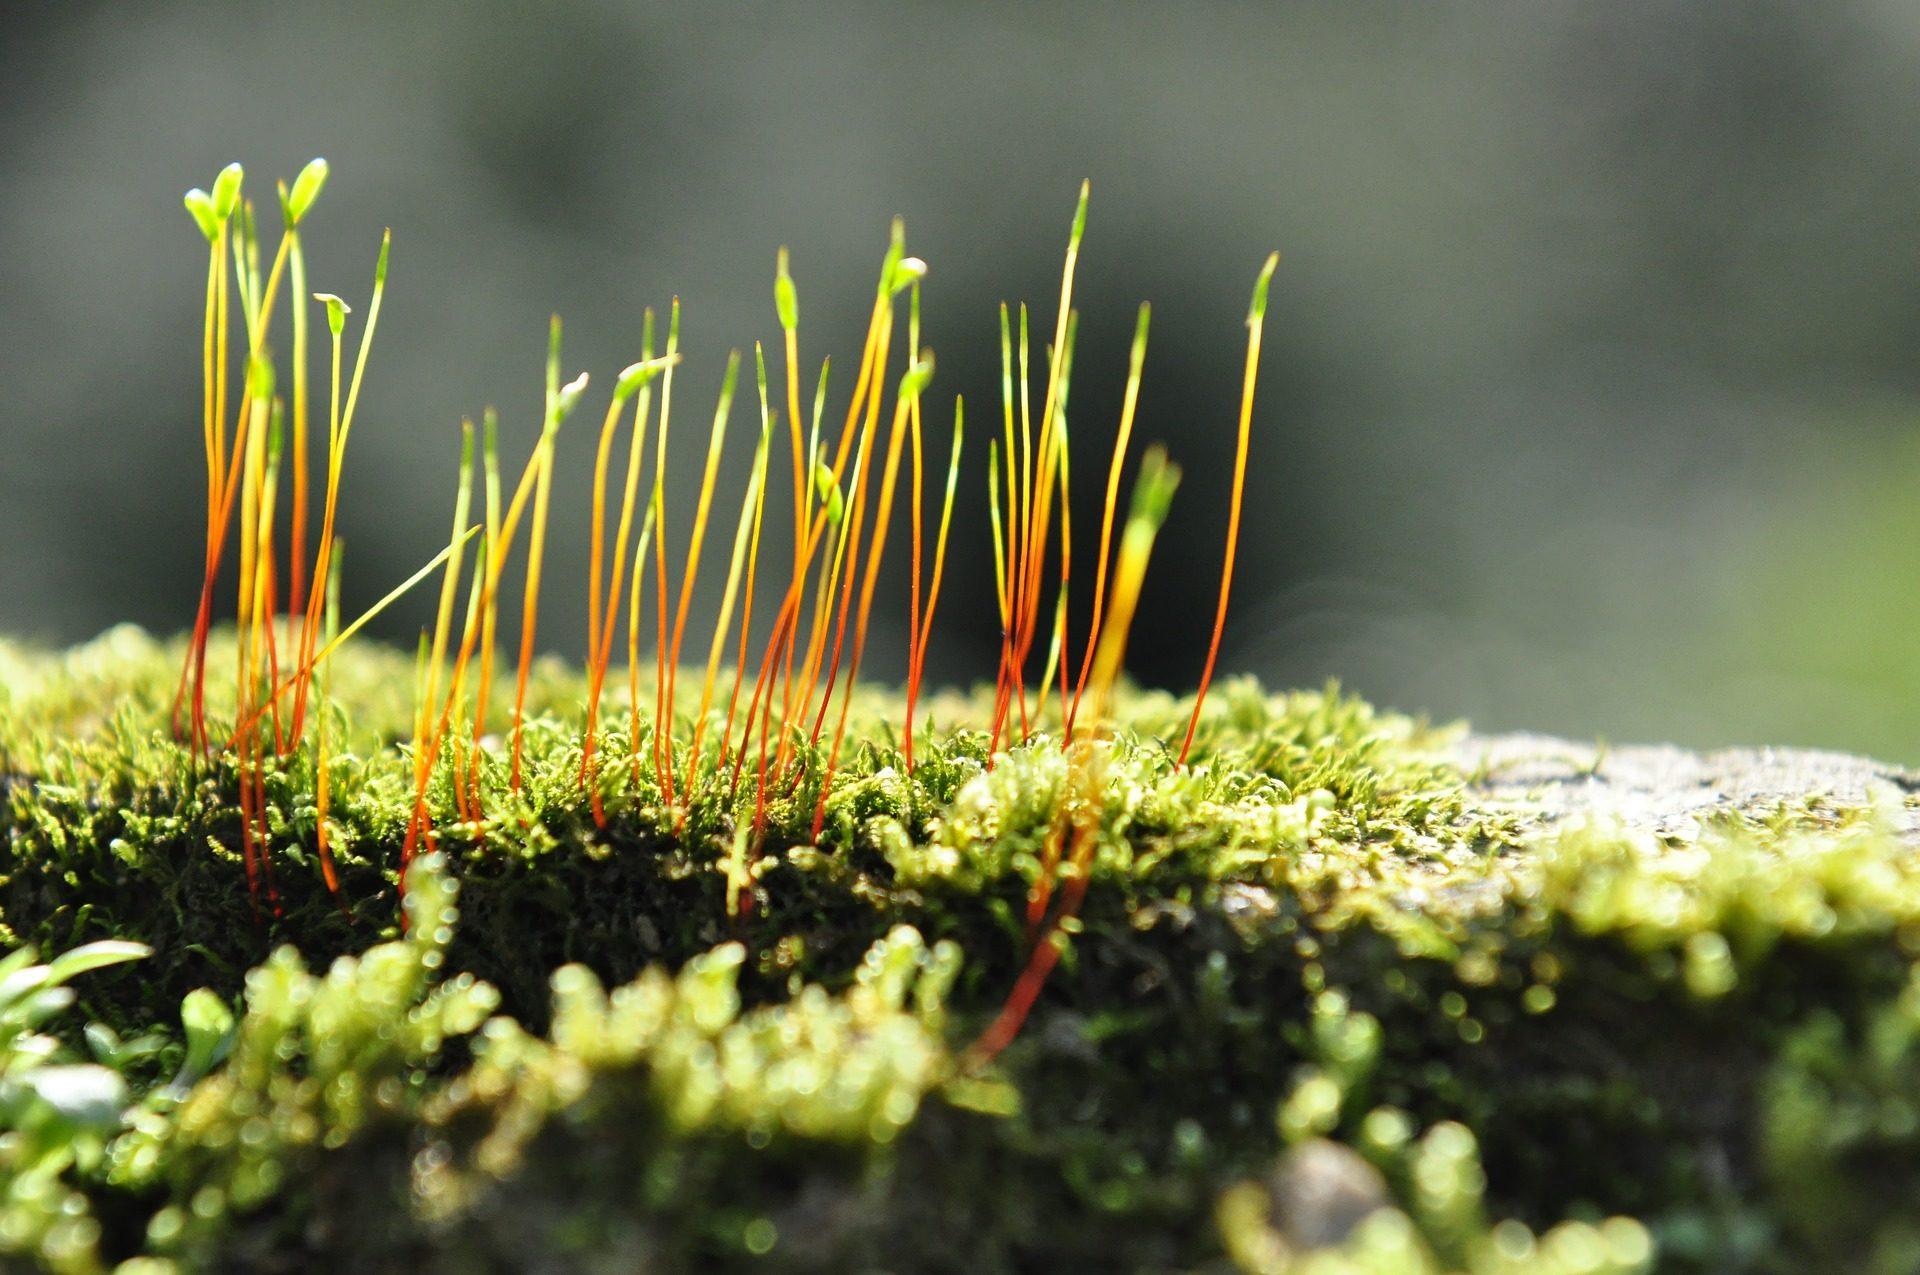 musgo, semillas, brotes, crecimiento, vida - Fondos de Pantalla HD - professor-falken.com